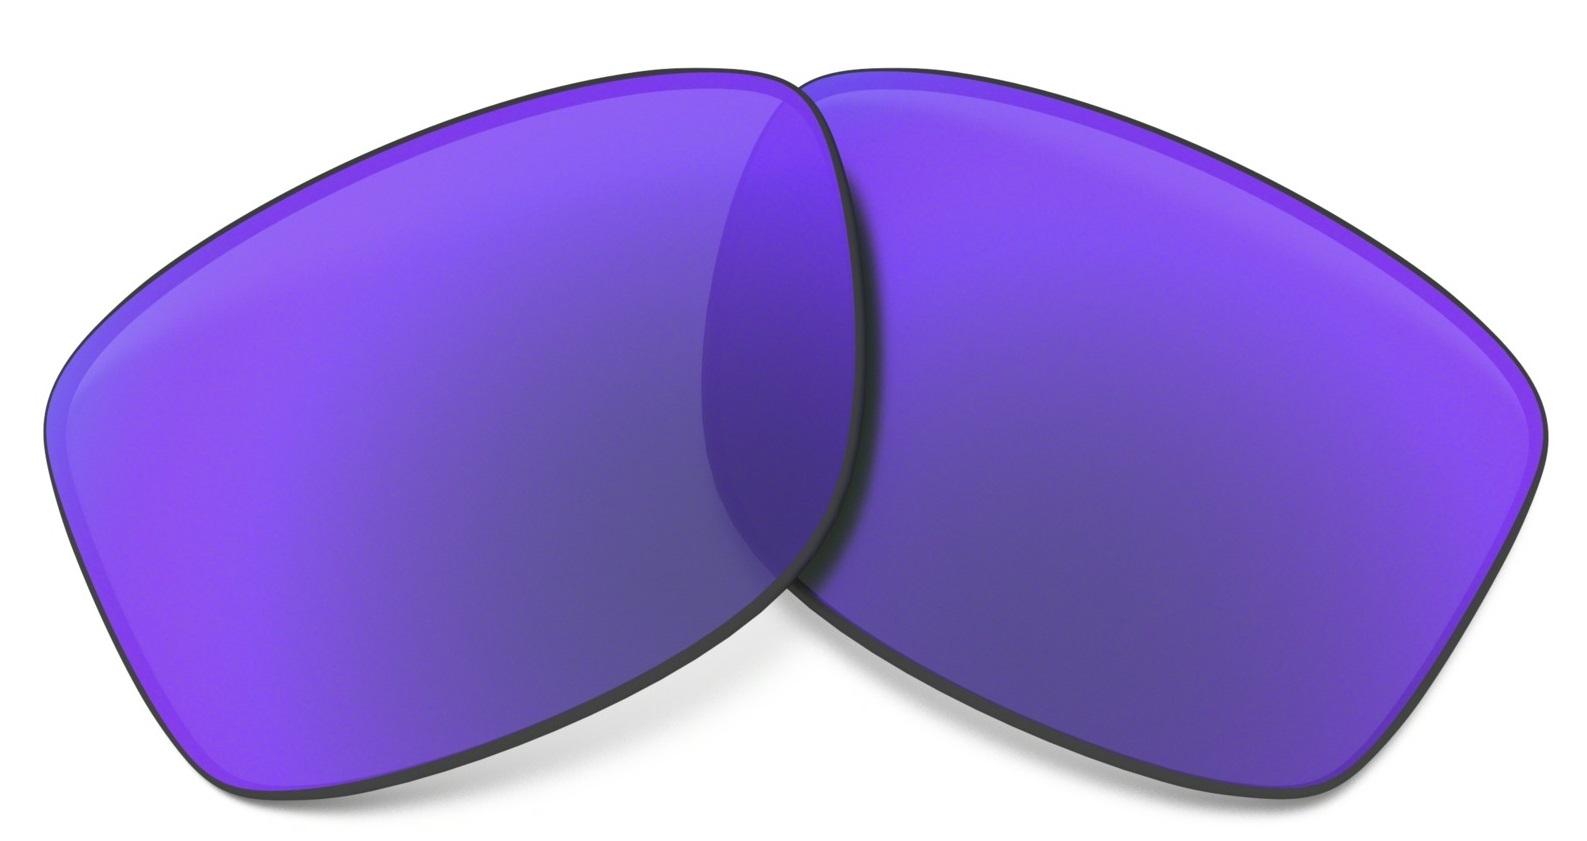 Verres de lunettes de soleil   Pour customiser et personnaliser vos lunettes  de soleil tout en vous protégeant les yeux. - PRECISION SKI 1257fa58c66a